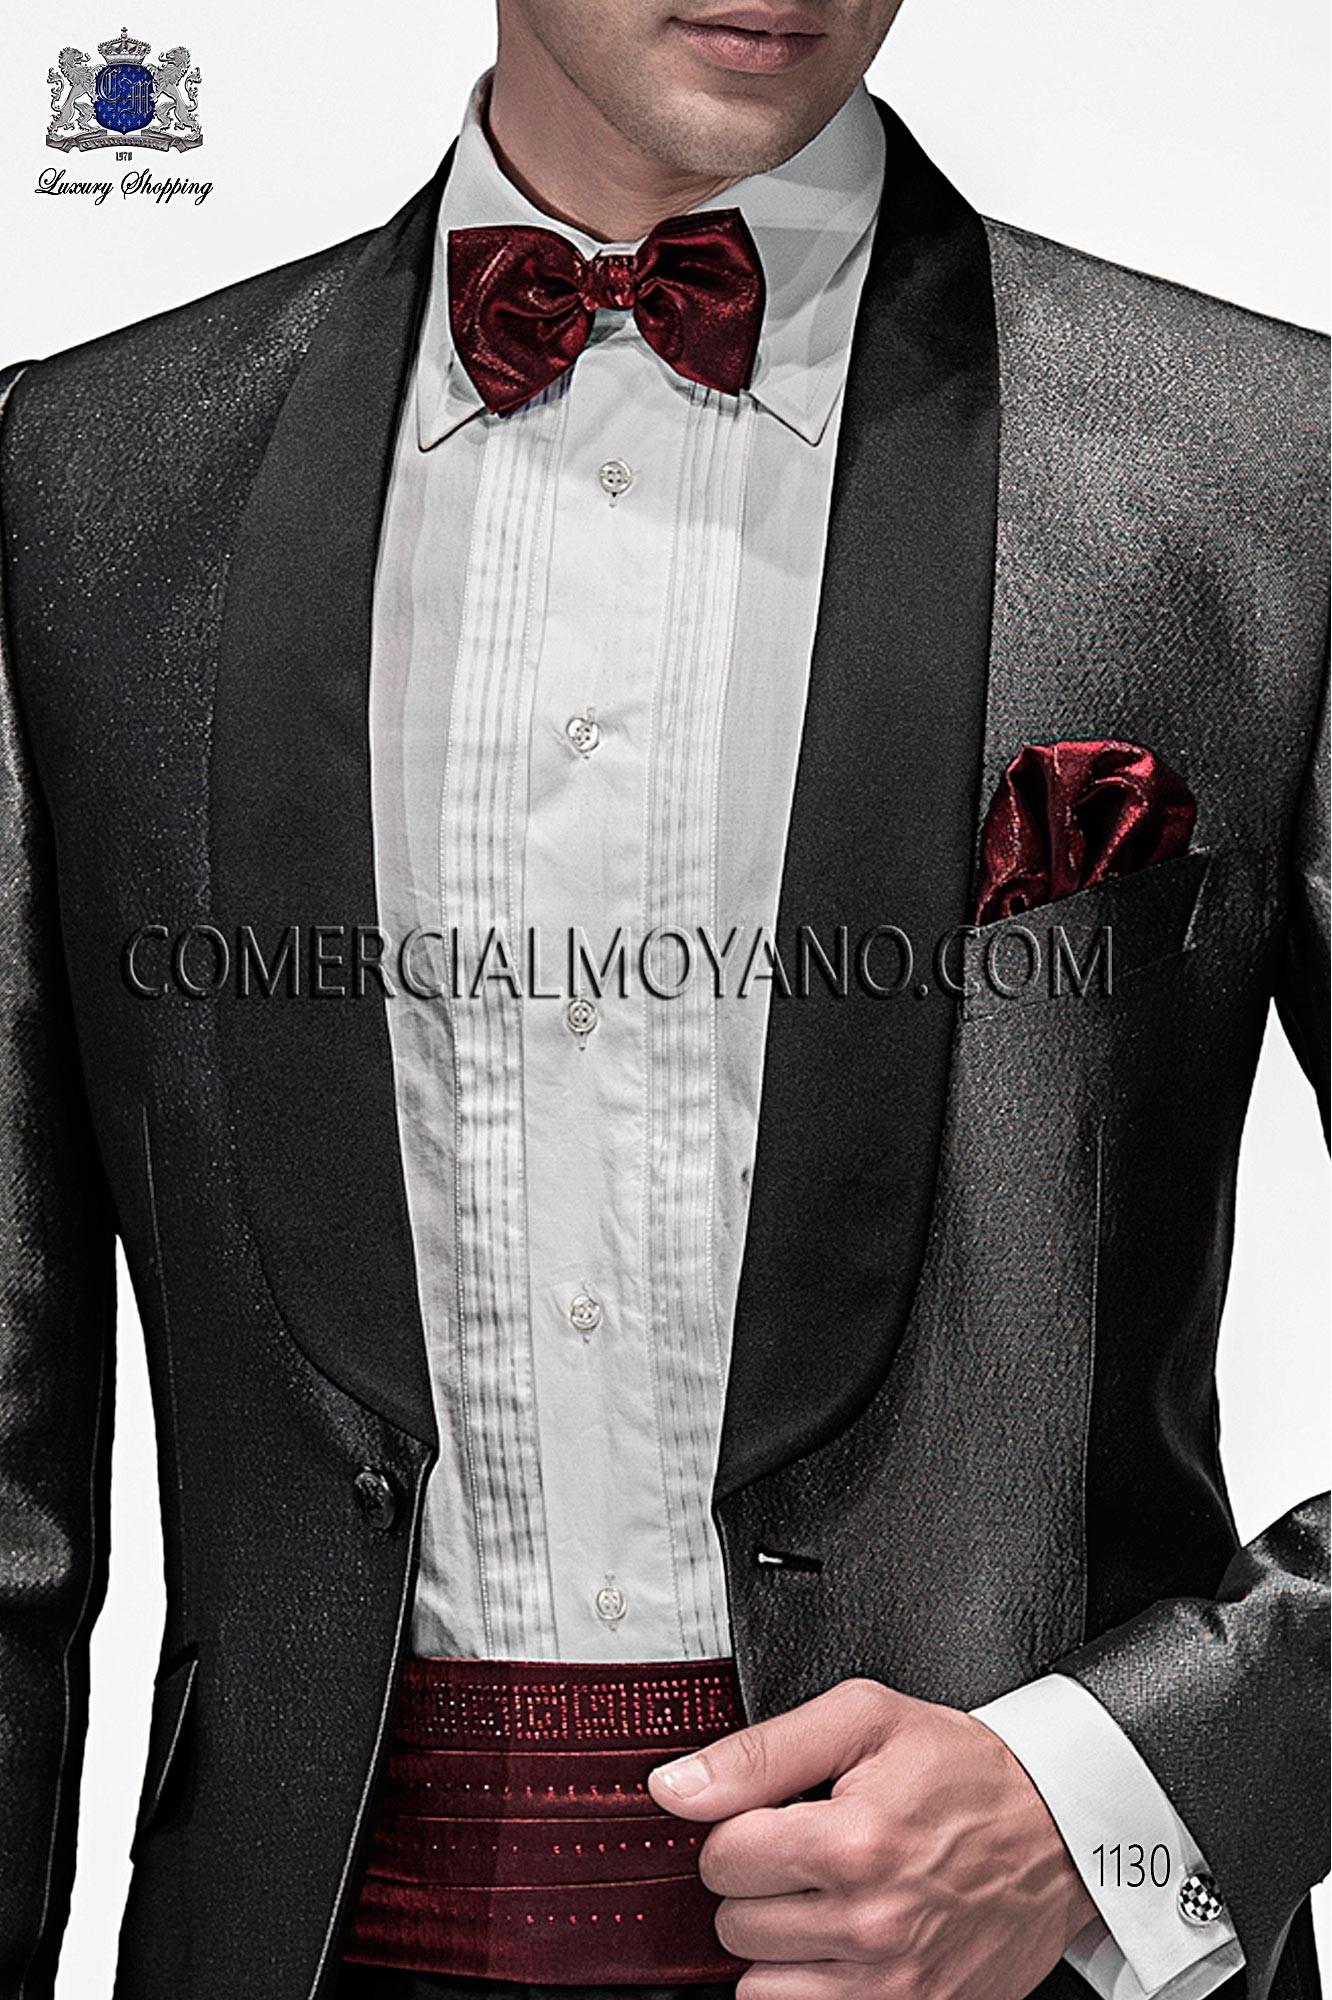 Traje Emotion de novio negro modelo: 1130 Ottavio Nuccio Gala colección Emotion 2017